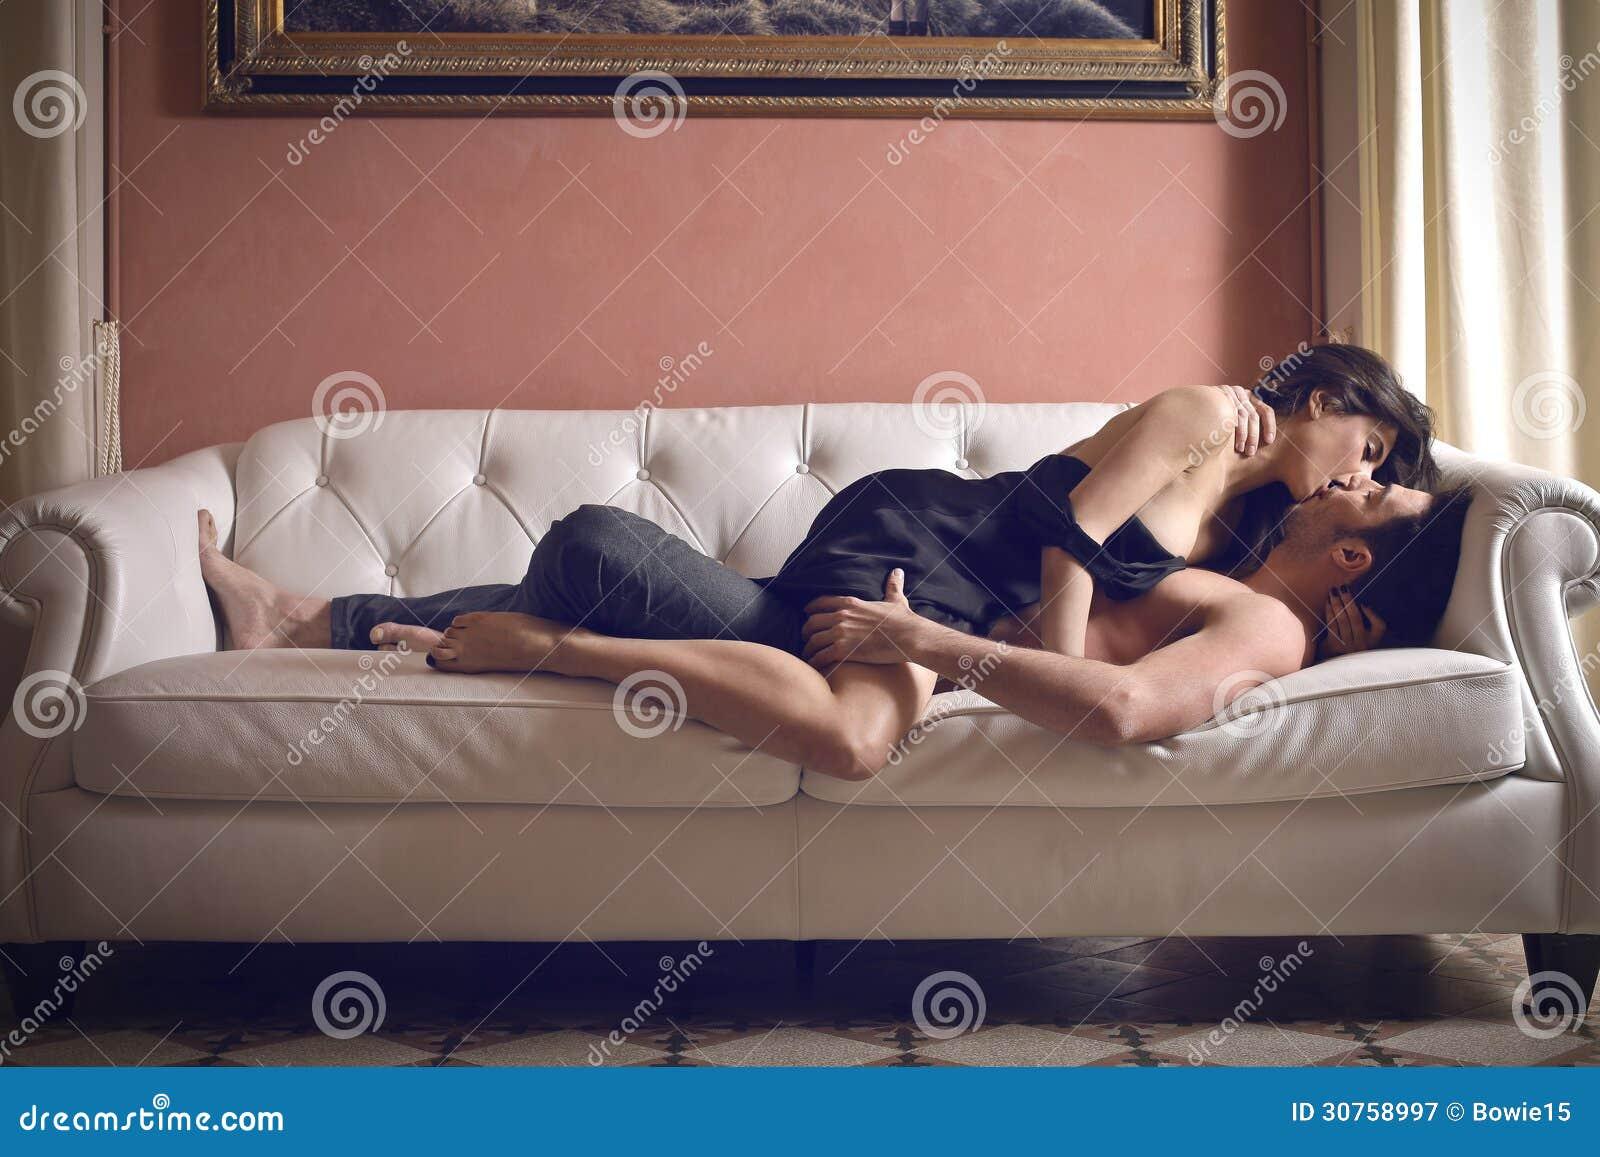 man fucking woman passionately